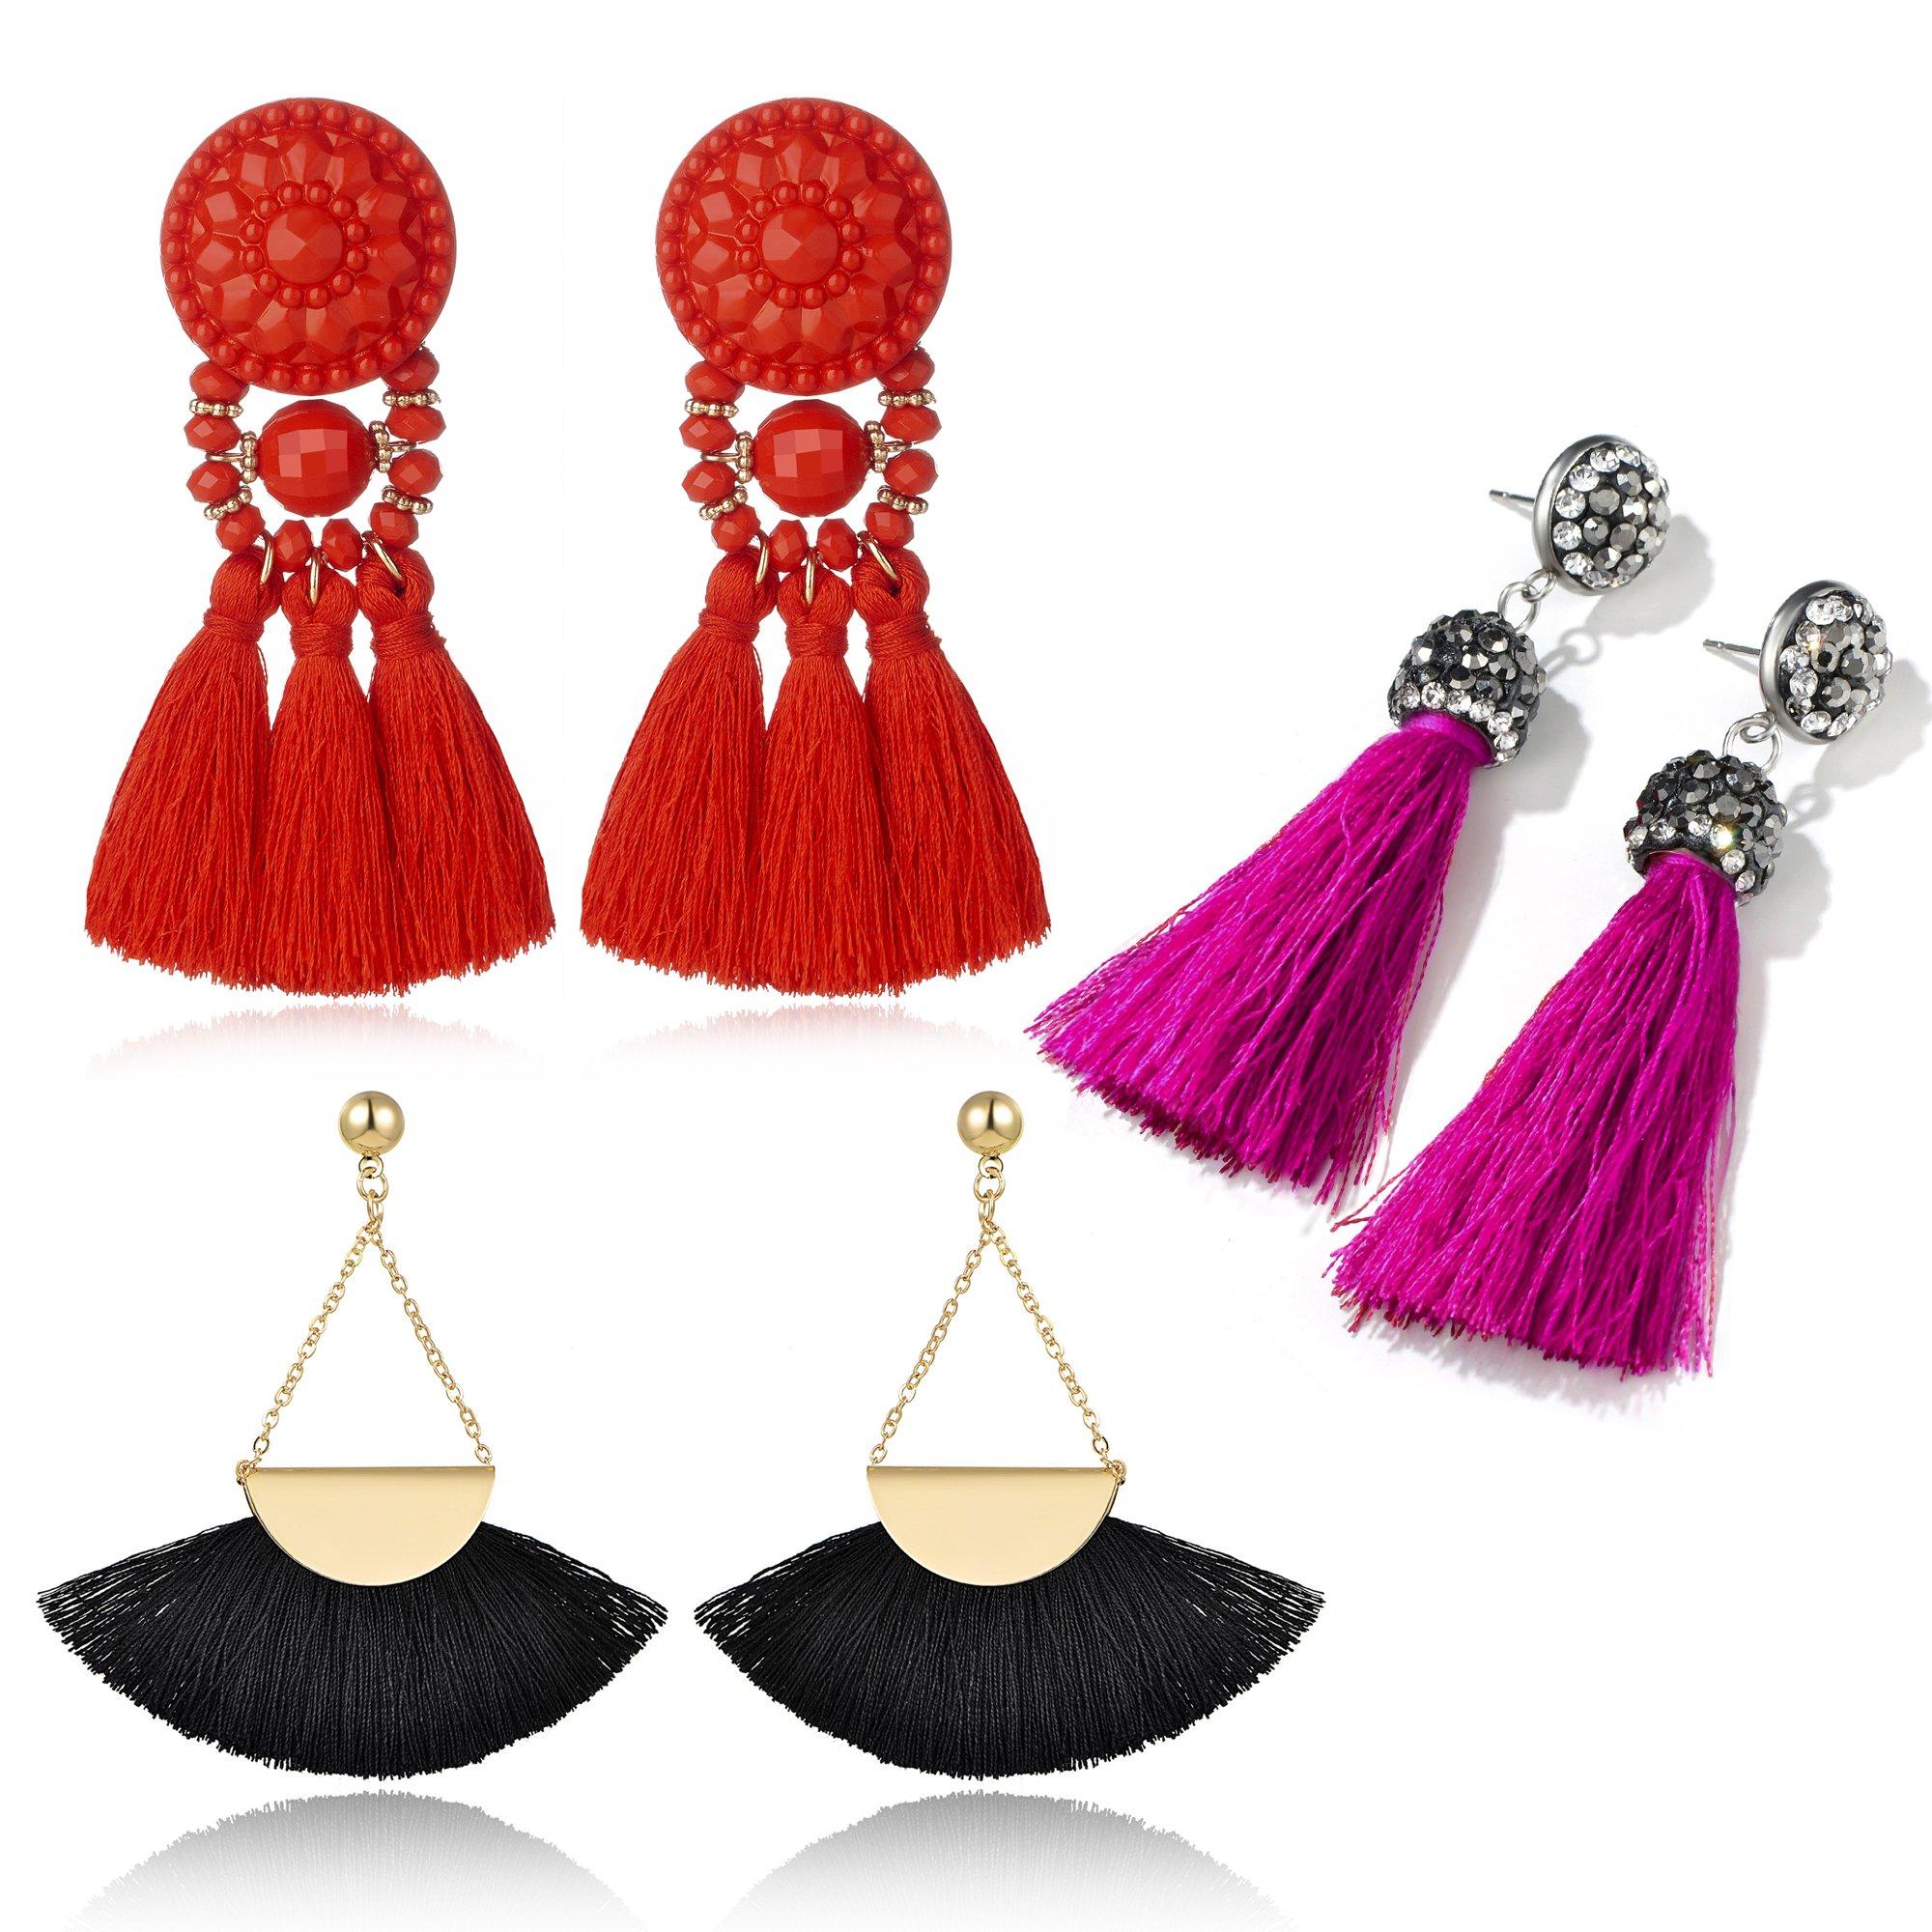 Yanxyad Multicolored Short Wool Tassel Earrings for Women Colorized Thread Fringe Earrings for Girls